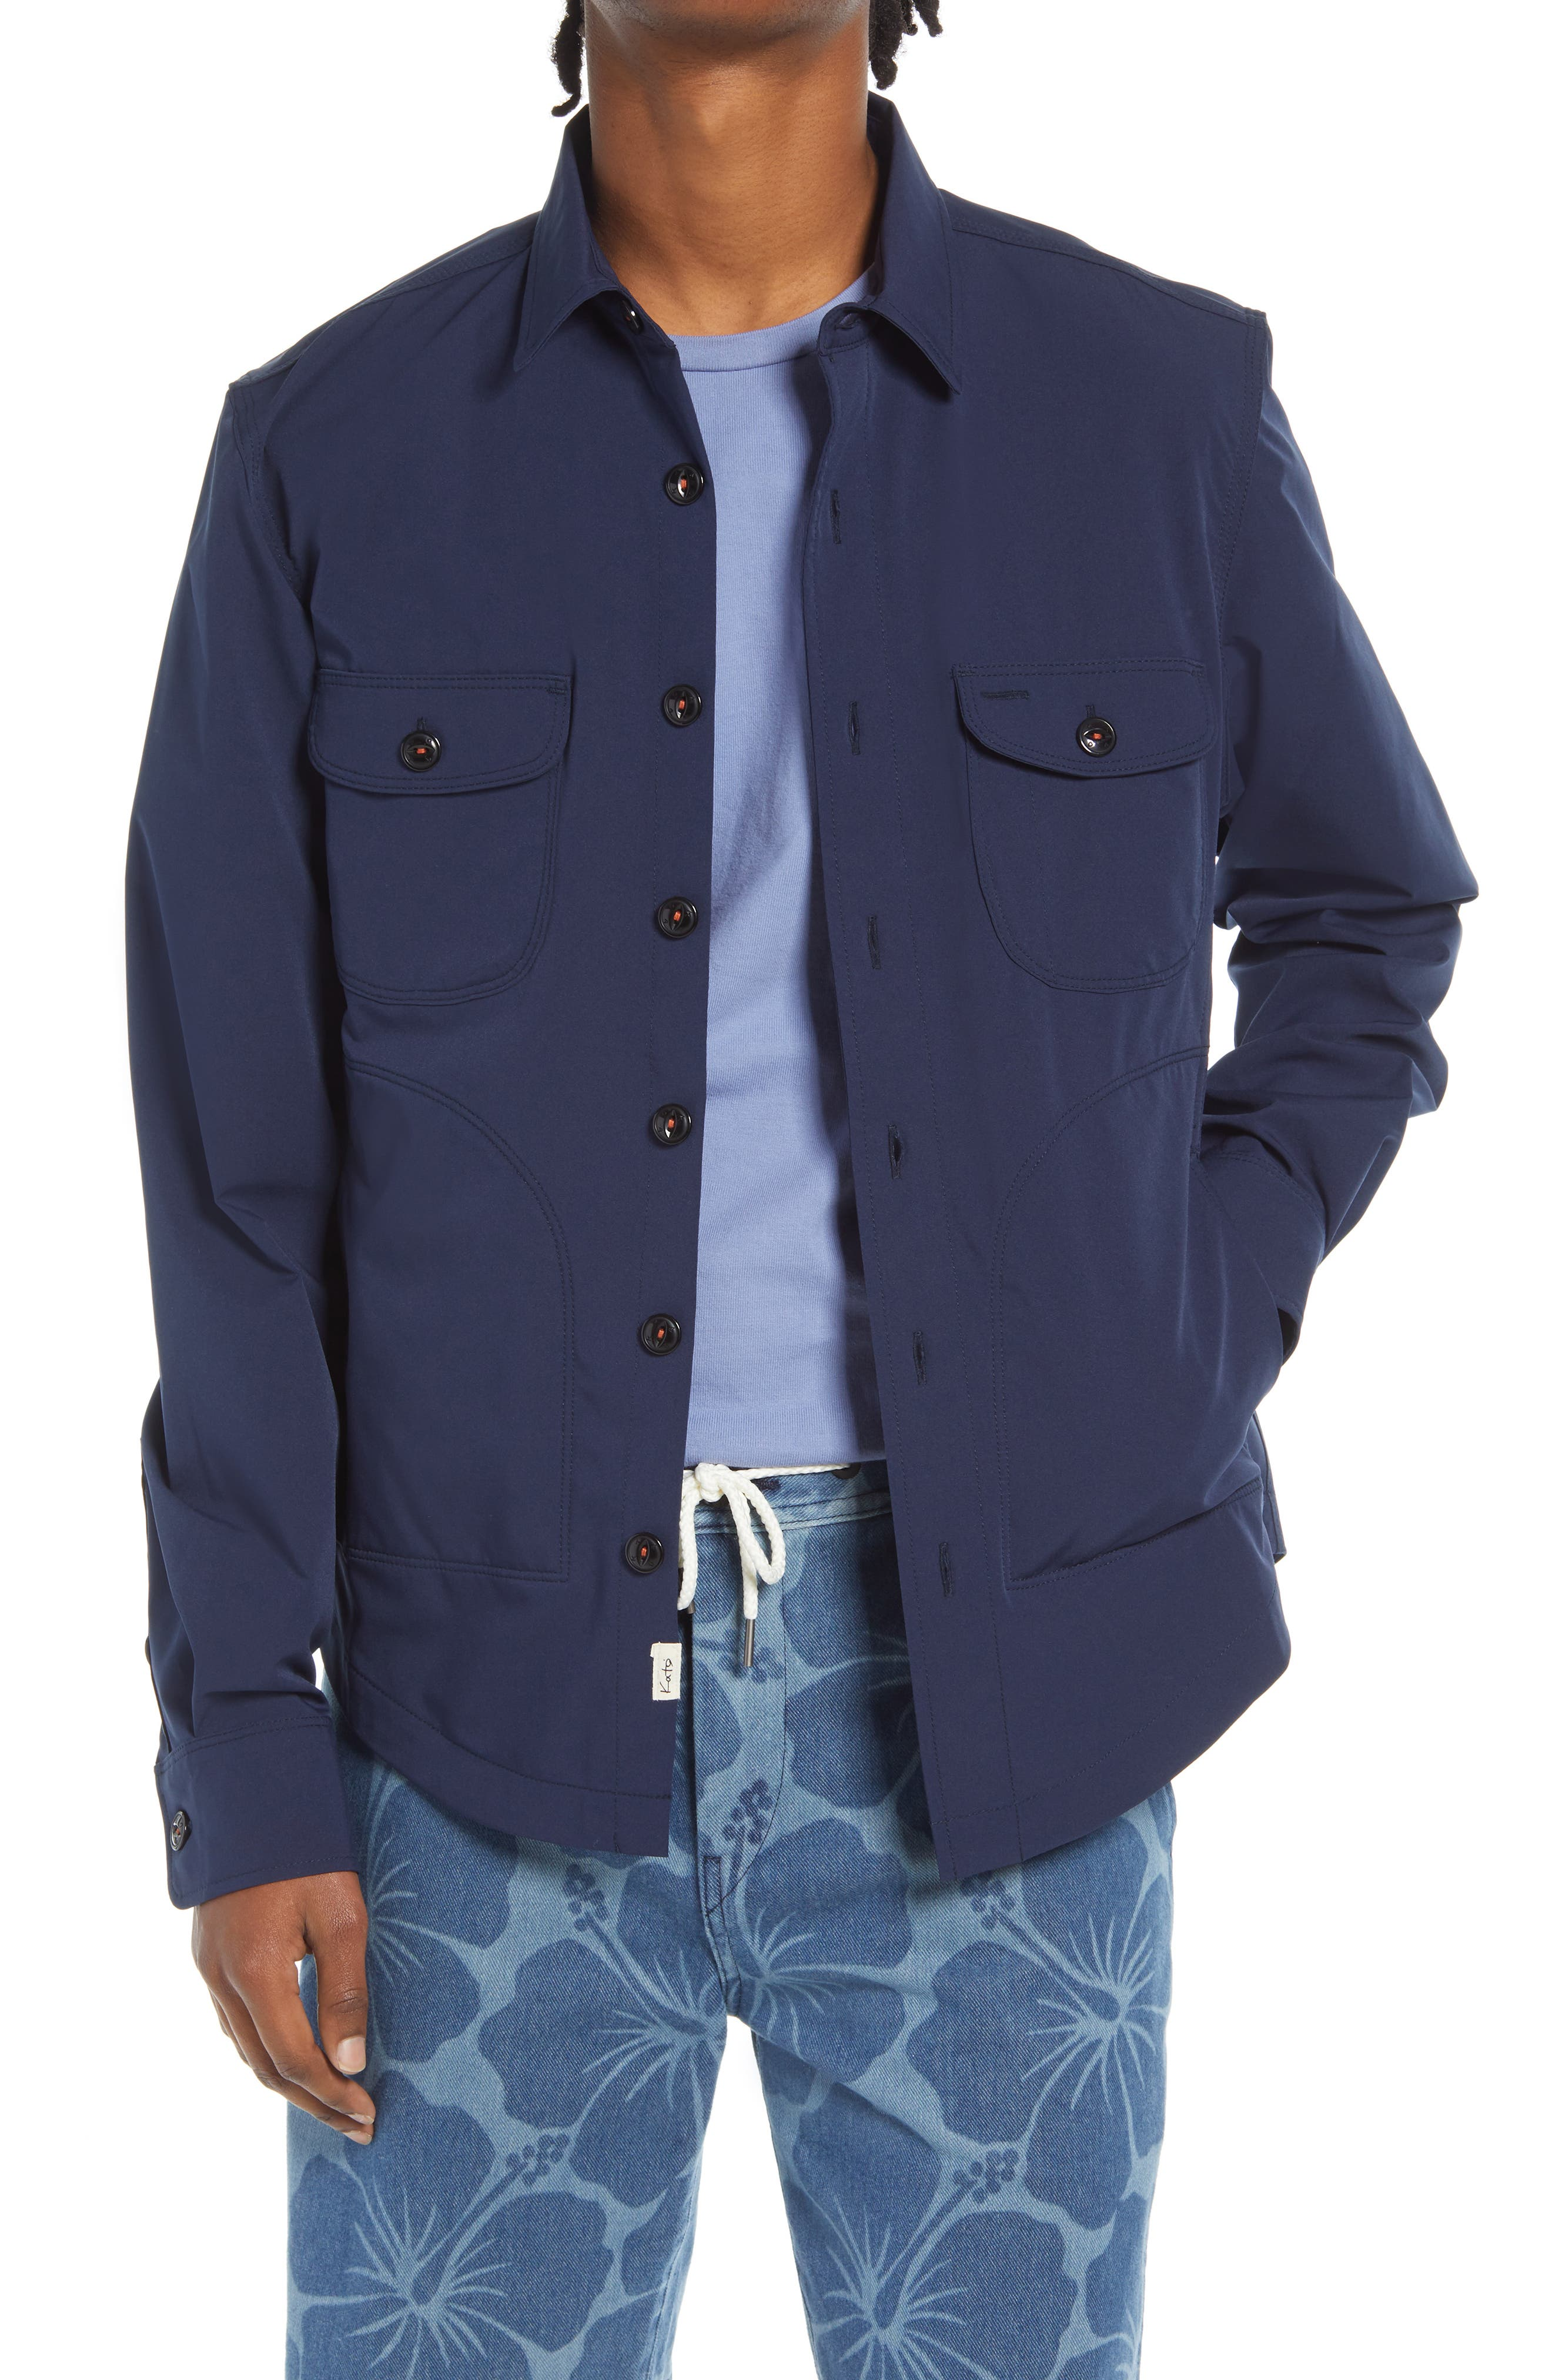 The Anvil Solotex Shirt Jacket